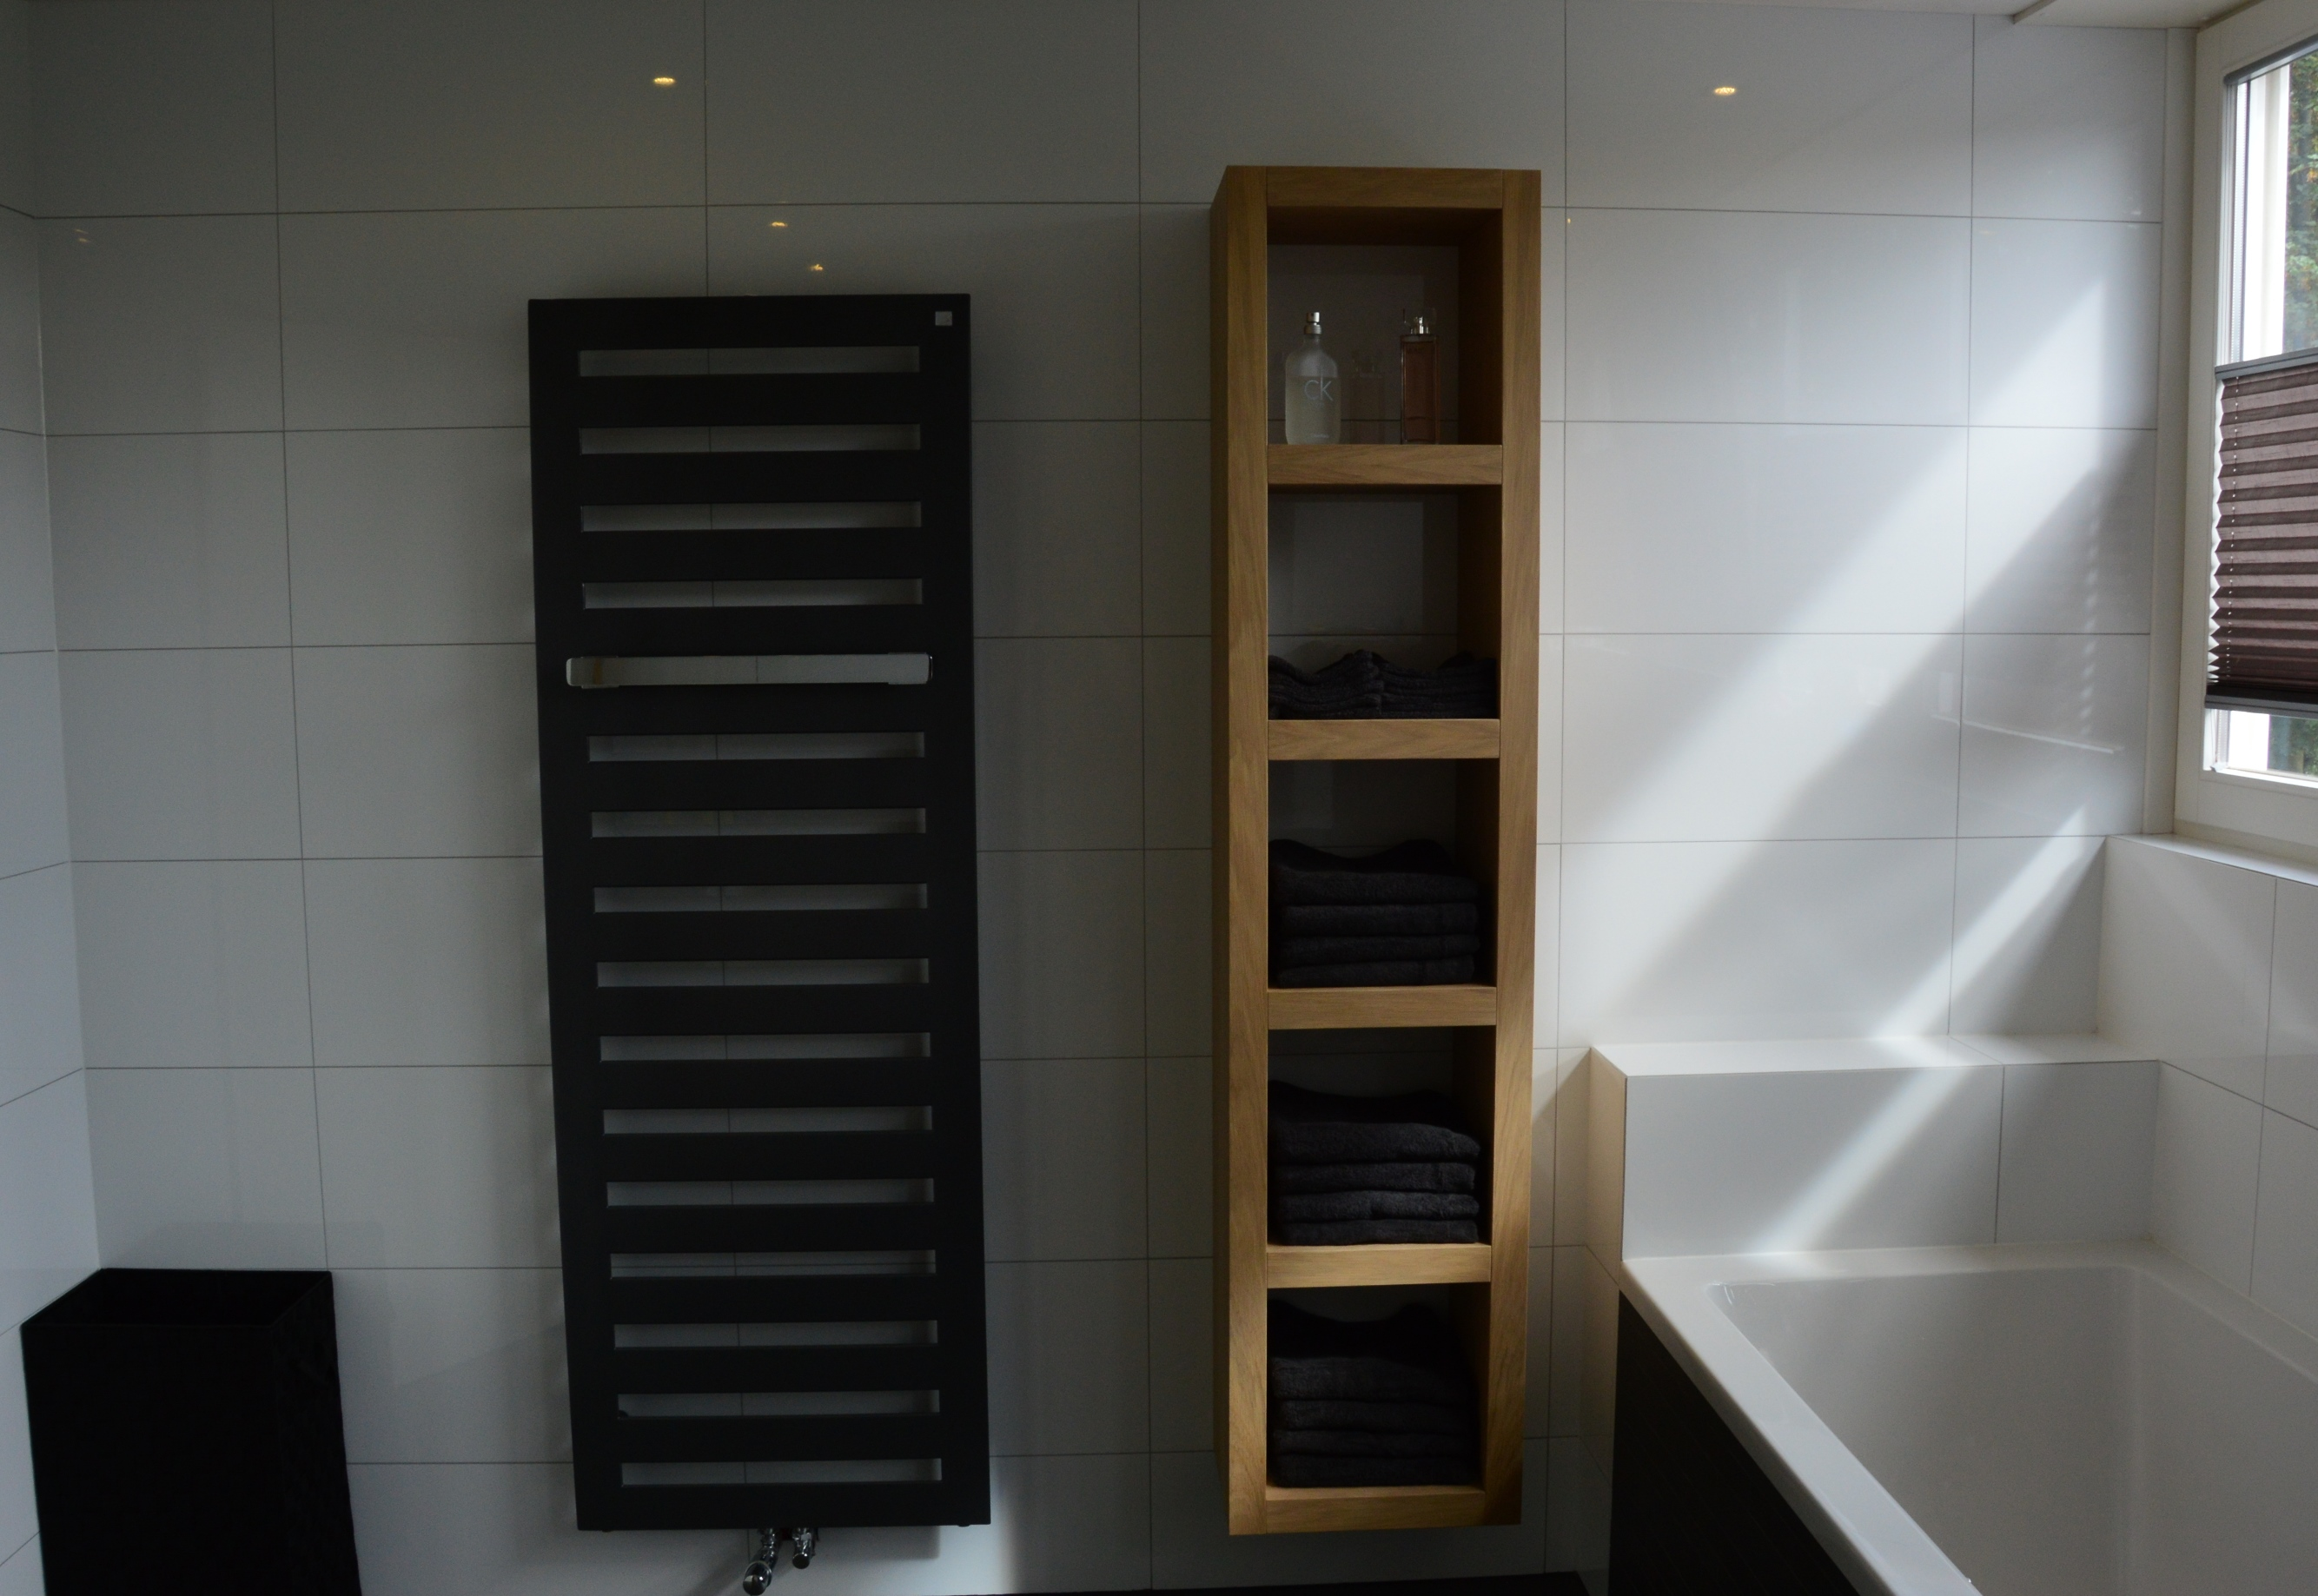 Stapel handdoeken in de kast stock foto afbeelding bestaande uit